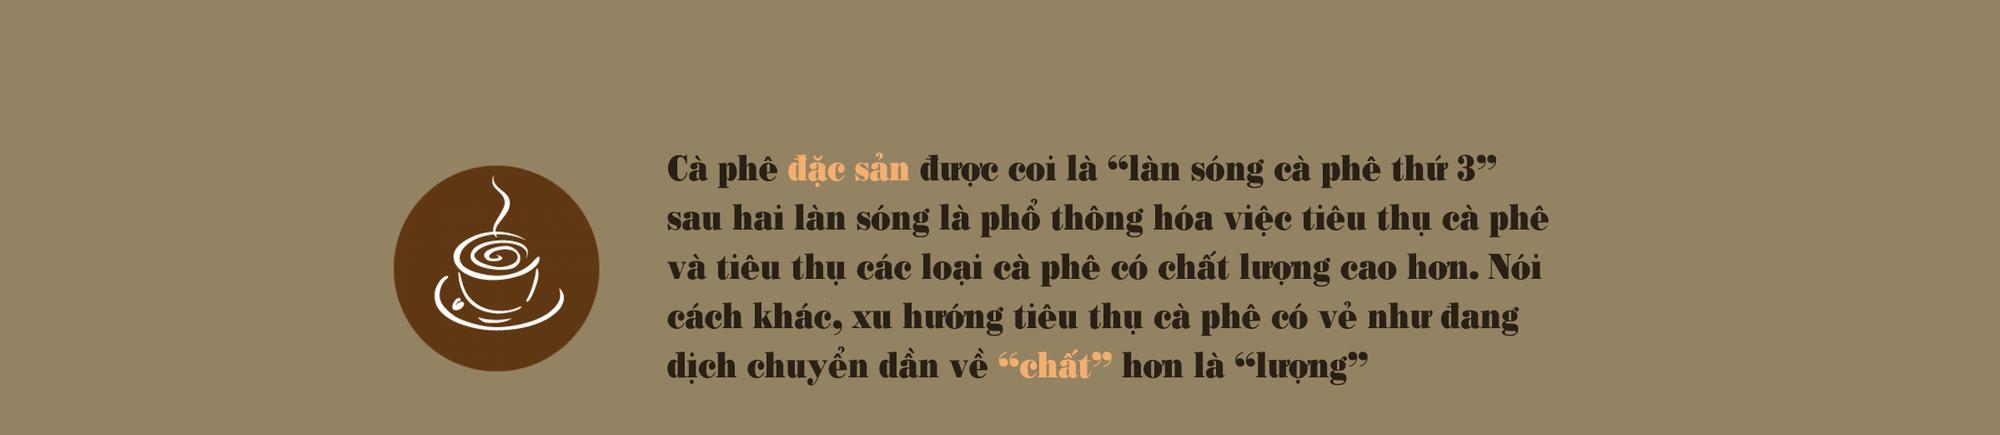 [eMagazine] Cà phê đặc sản: Cửa ngách để nâng tầm cà phê Việt - Ảnh 1.